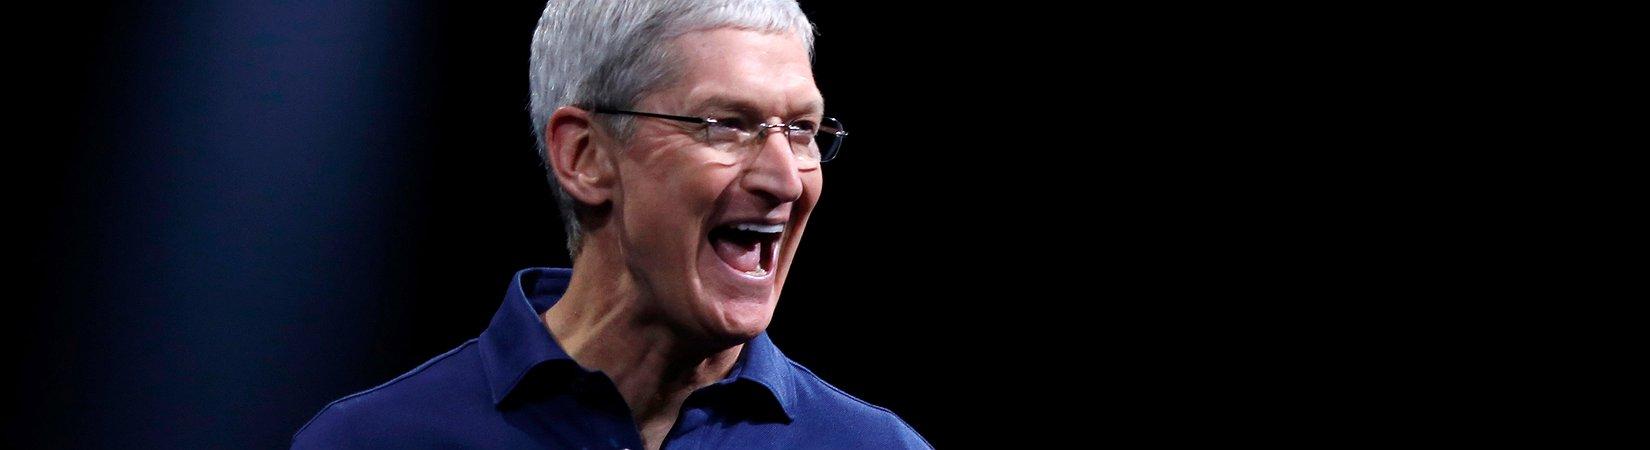 Apple se prépare à aller au-delà de l'iPhone